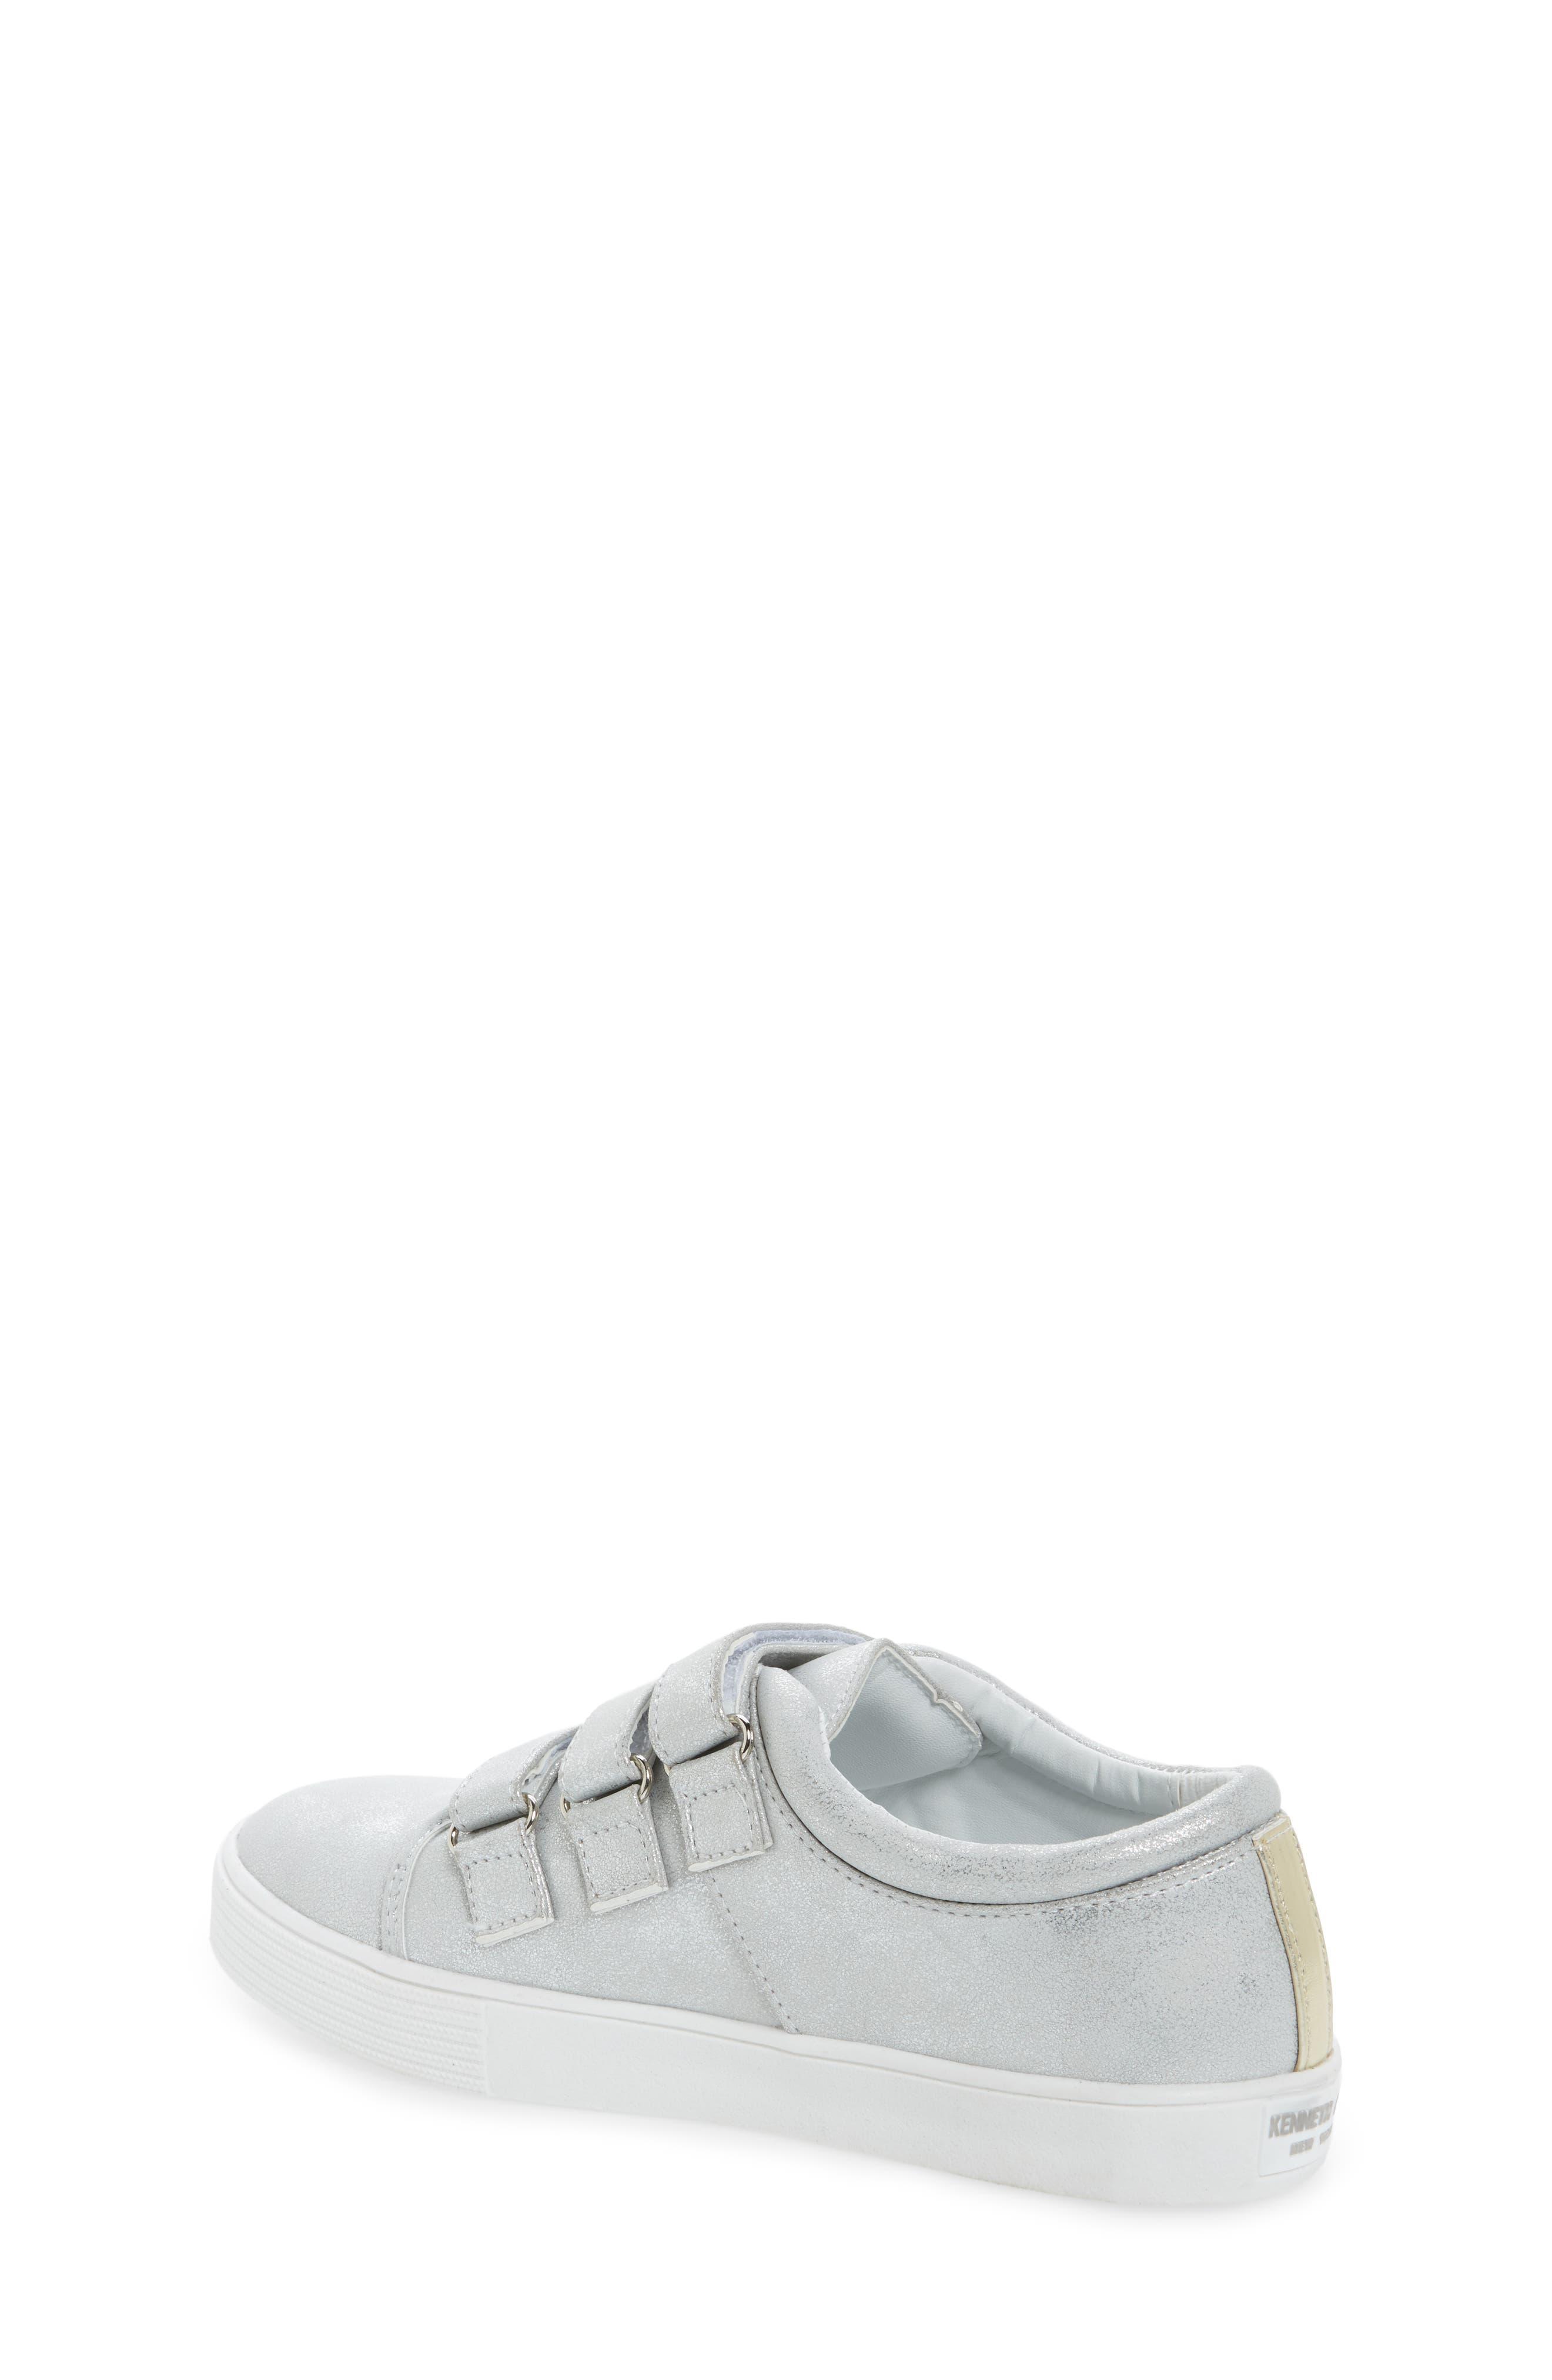 Kam Glitter Strap Sneaker,                             Alternate thumbnail 2, color,                             040